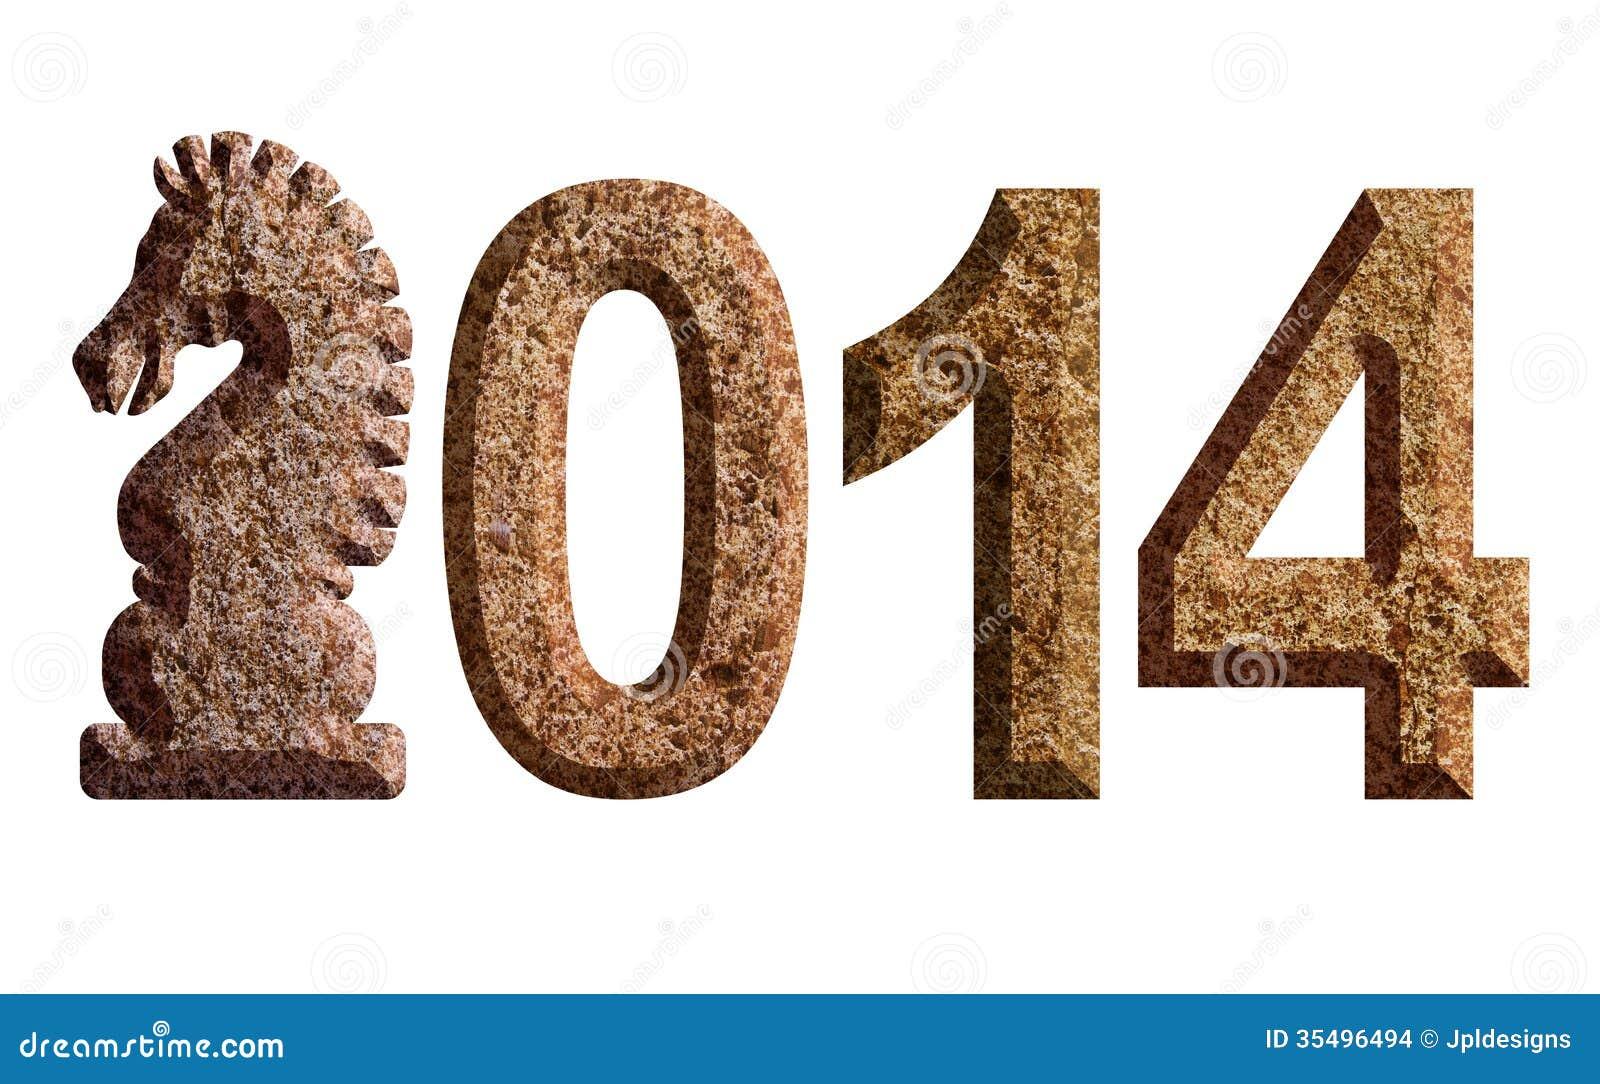 2014 chinese horse 3d chisel stone illustration stock illustration royalty free stock photo buycottarizona